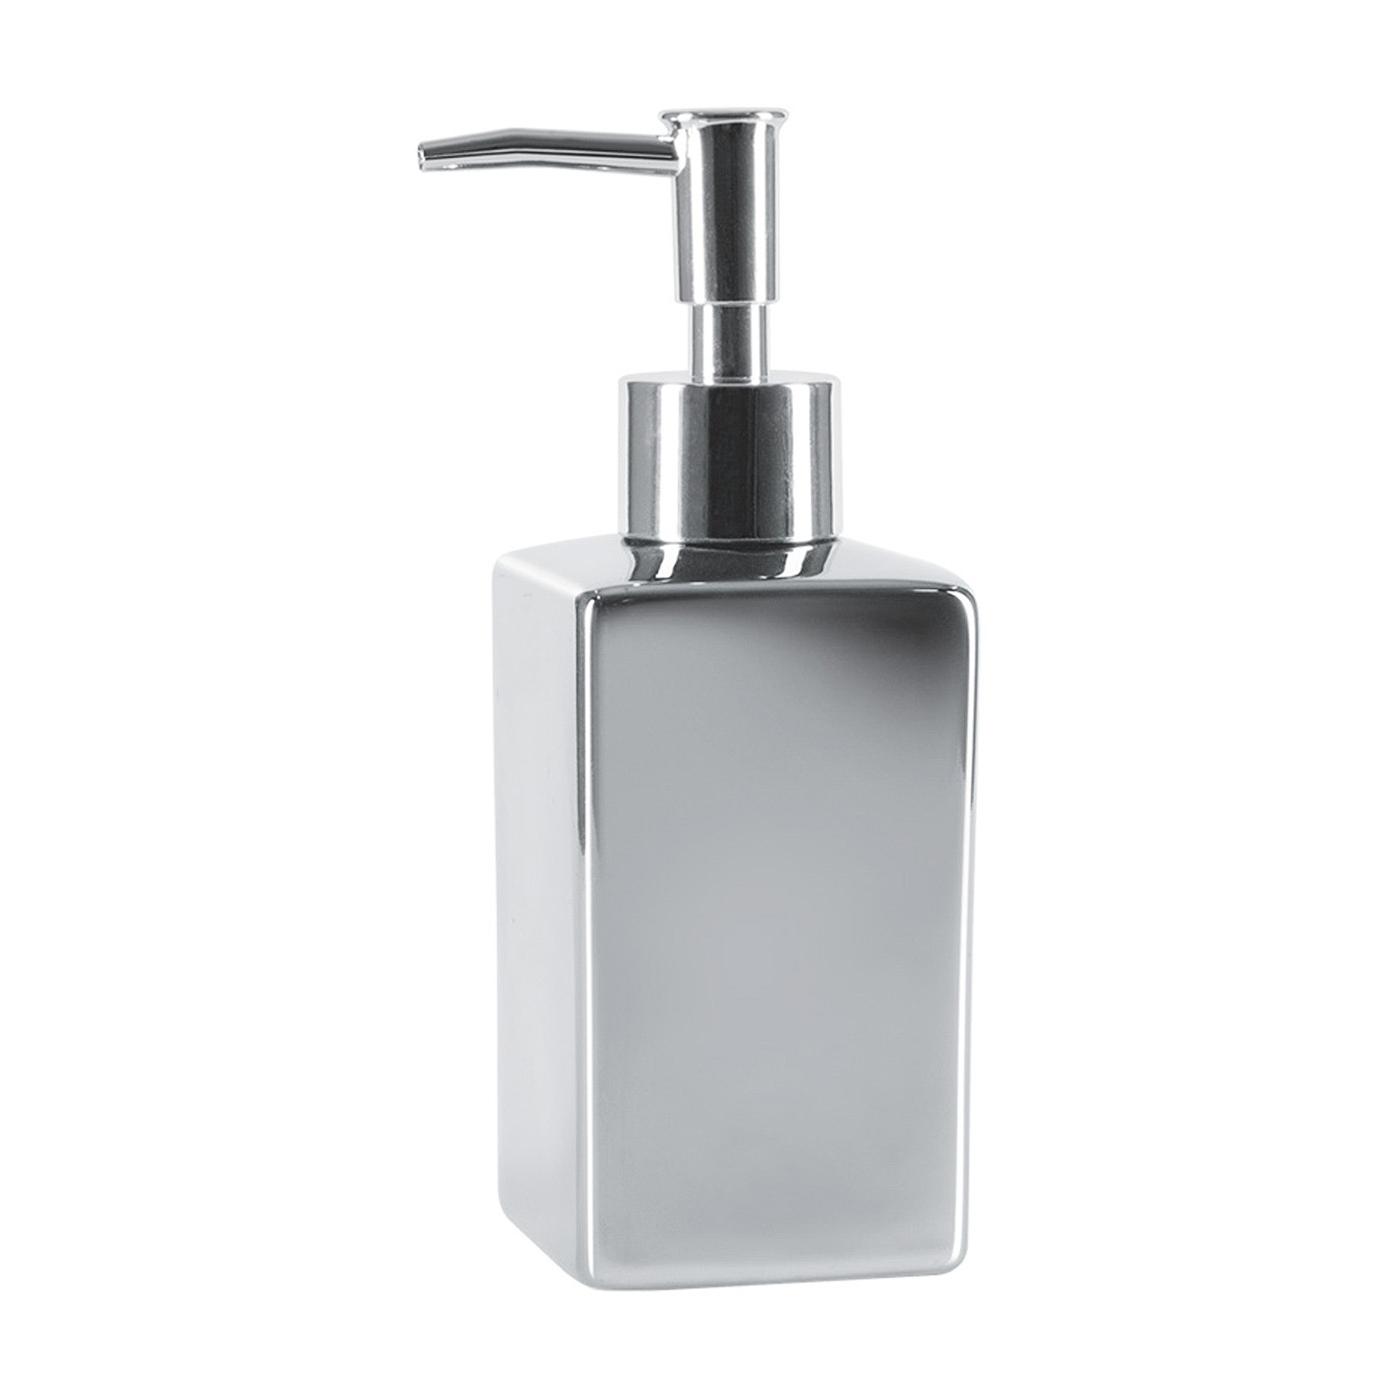 Фото - Дозатор для жидкого мыла Spirella Quadro серебряный 6,5х6,5х17,5 см дозатор для жидкого мыла spirella sydney серый 7х18 5 см